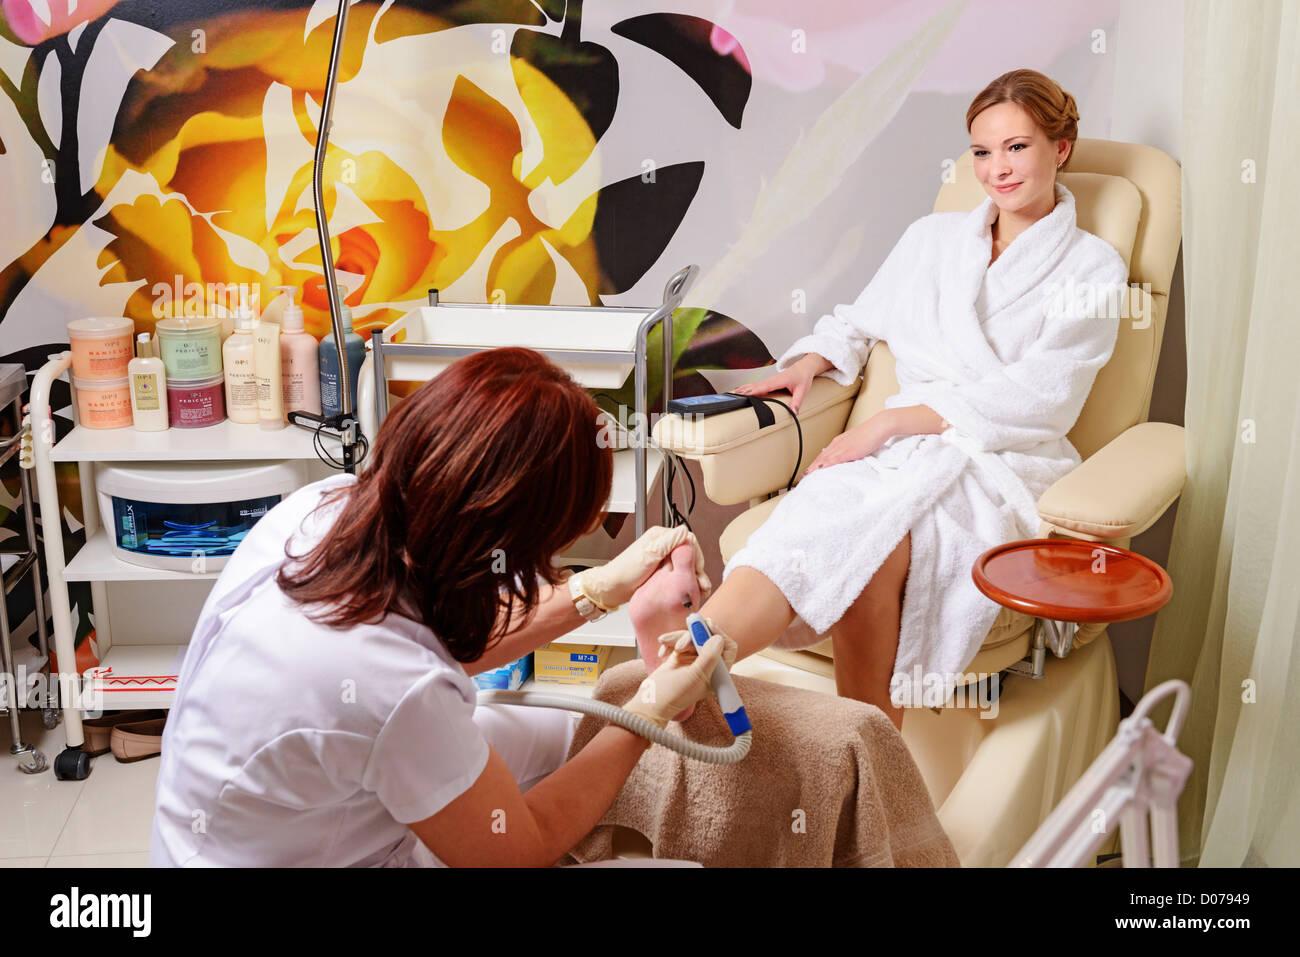 Donna spa salone della procedura di trattamento salute bellezza benessere corpo Immagini Stock